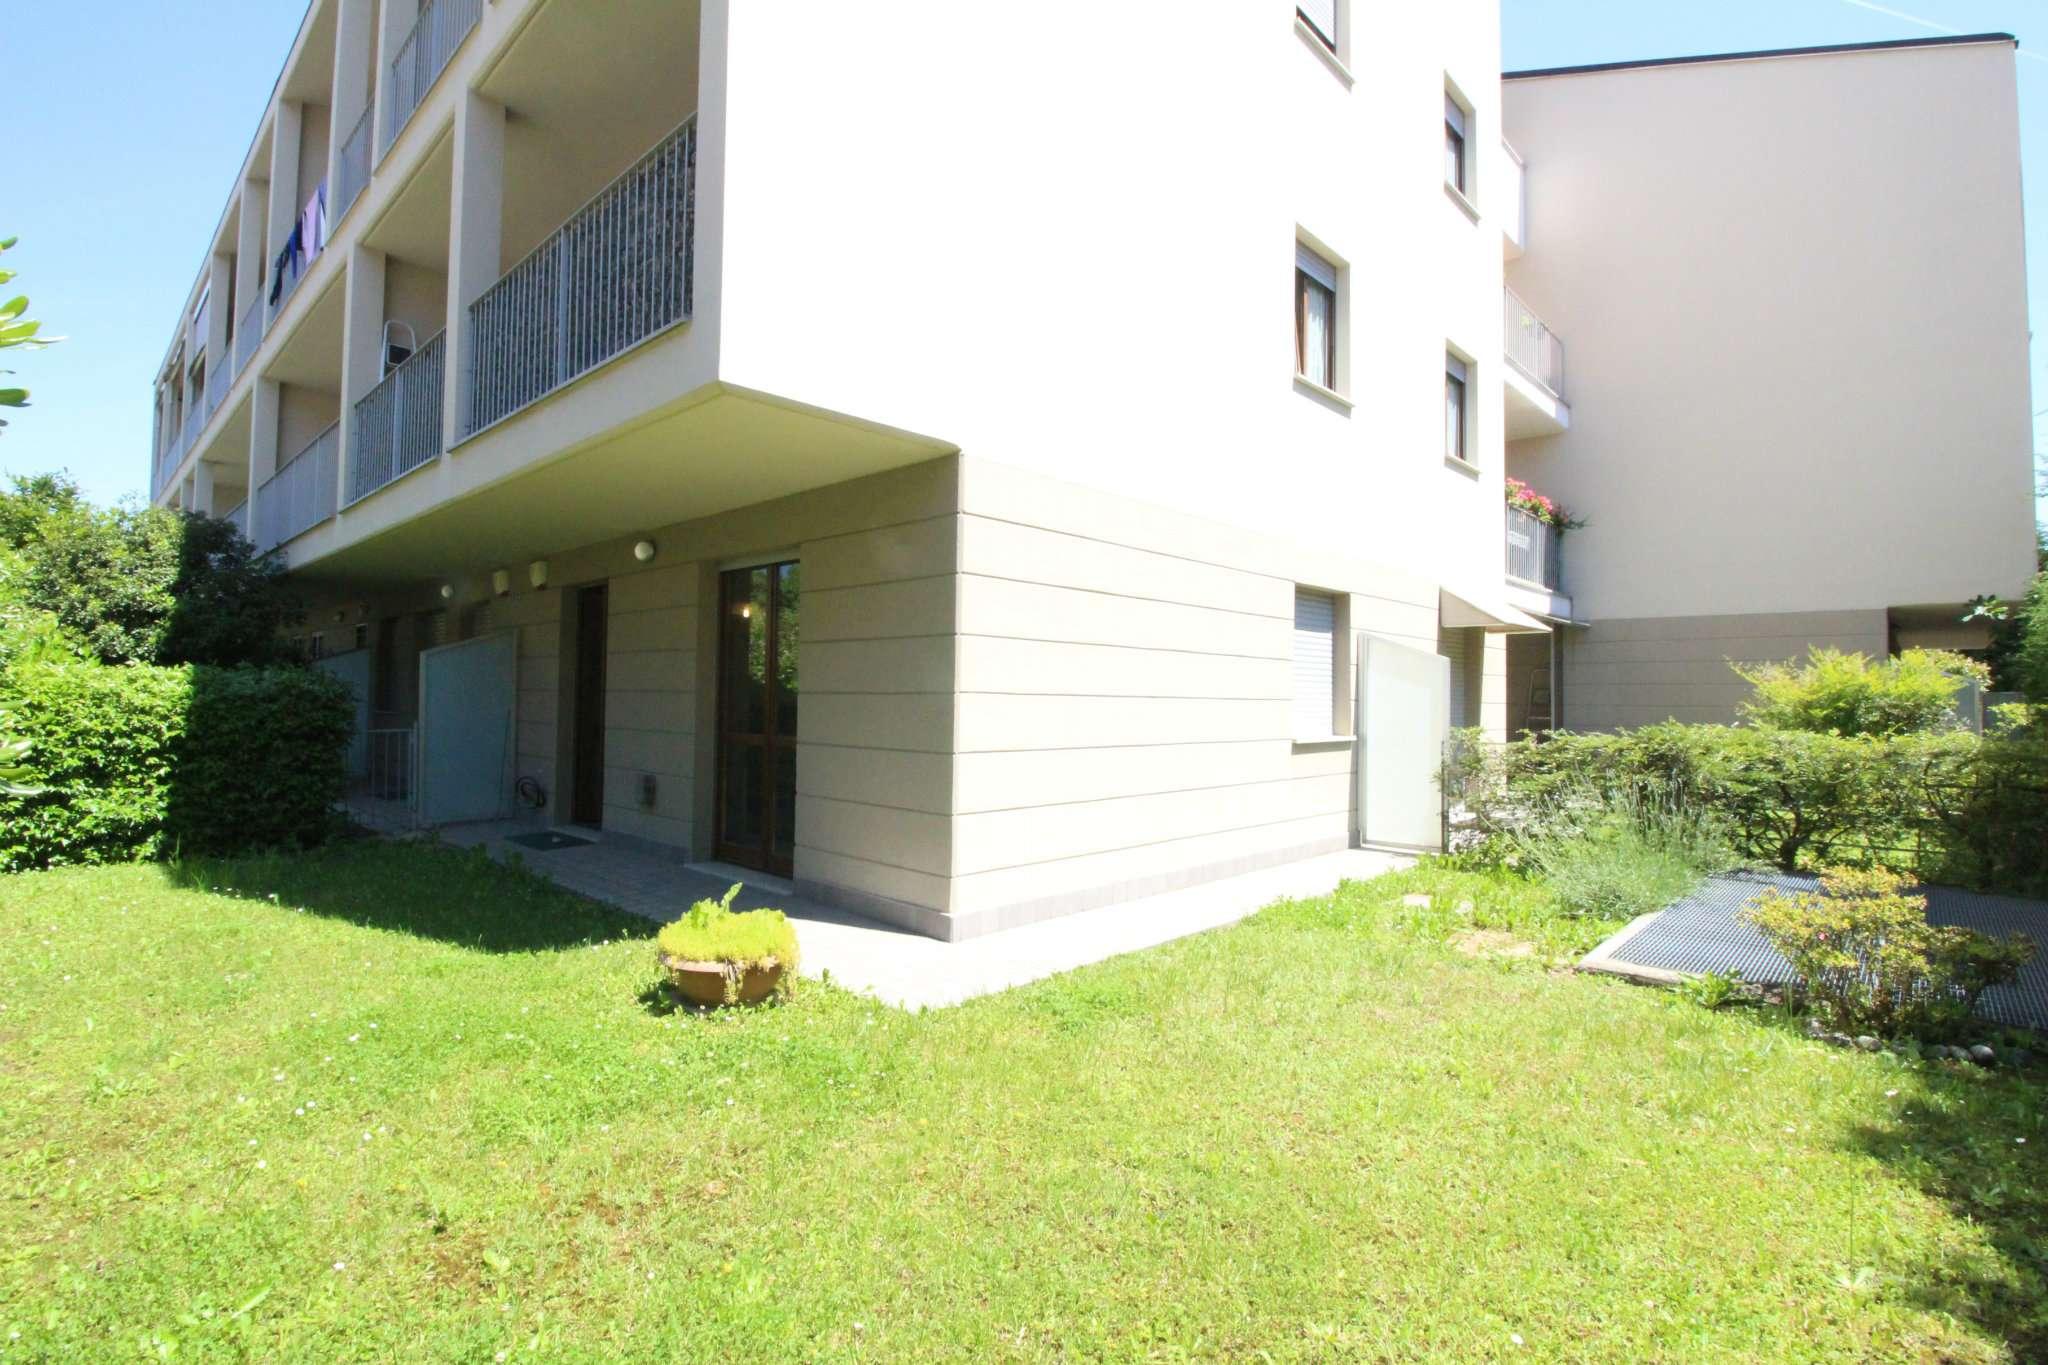 Appartamento in vendita a Burago di Molgora, 1 locali, prezzo € 118.000 | PortaleAgenzieImmobiliari.it